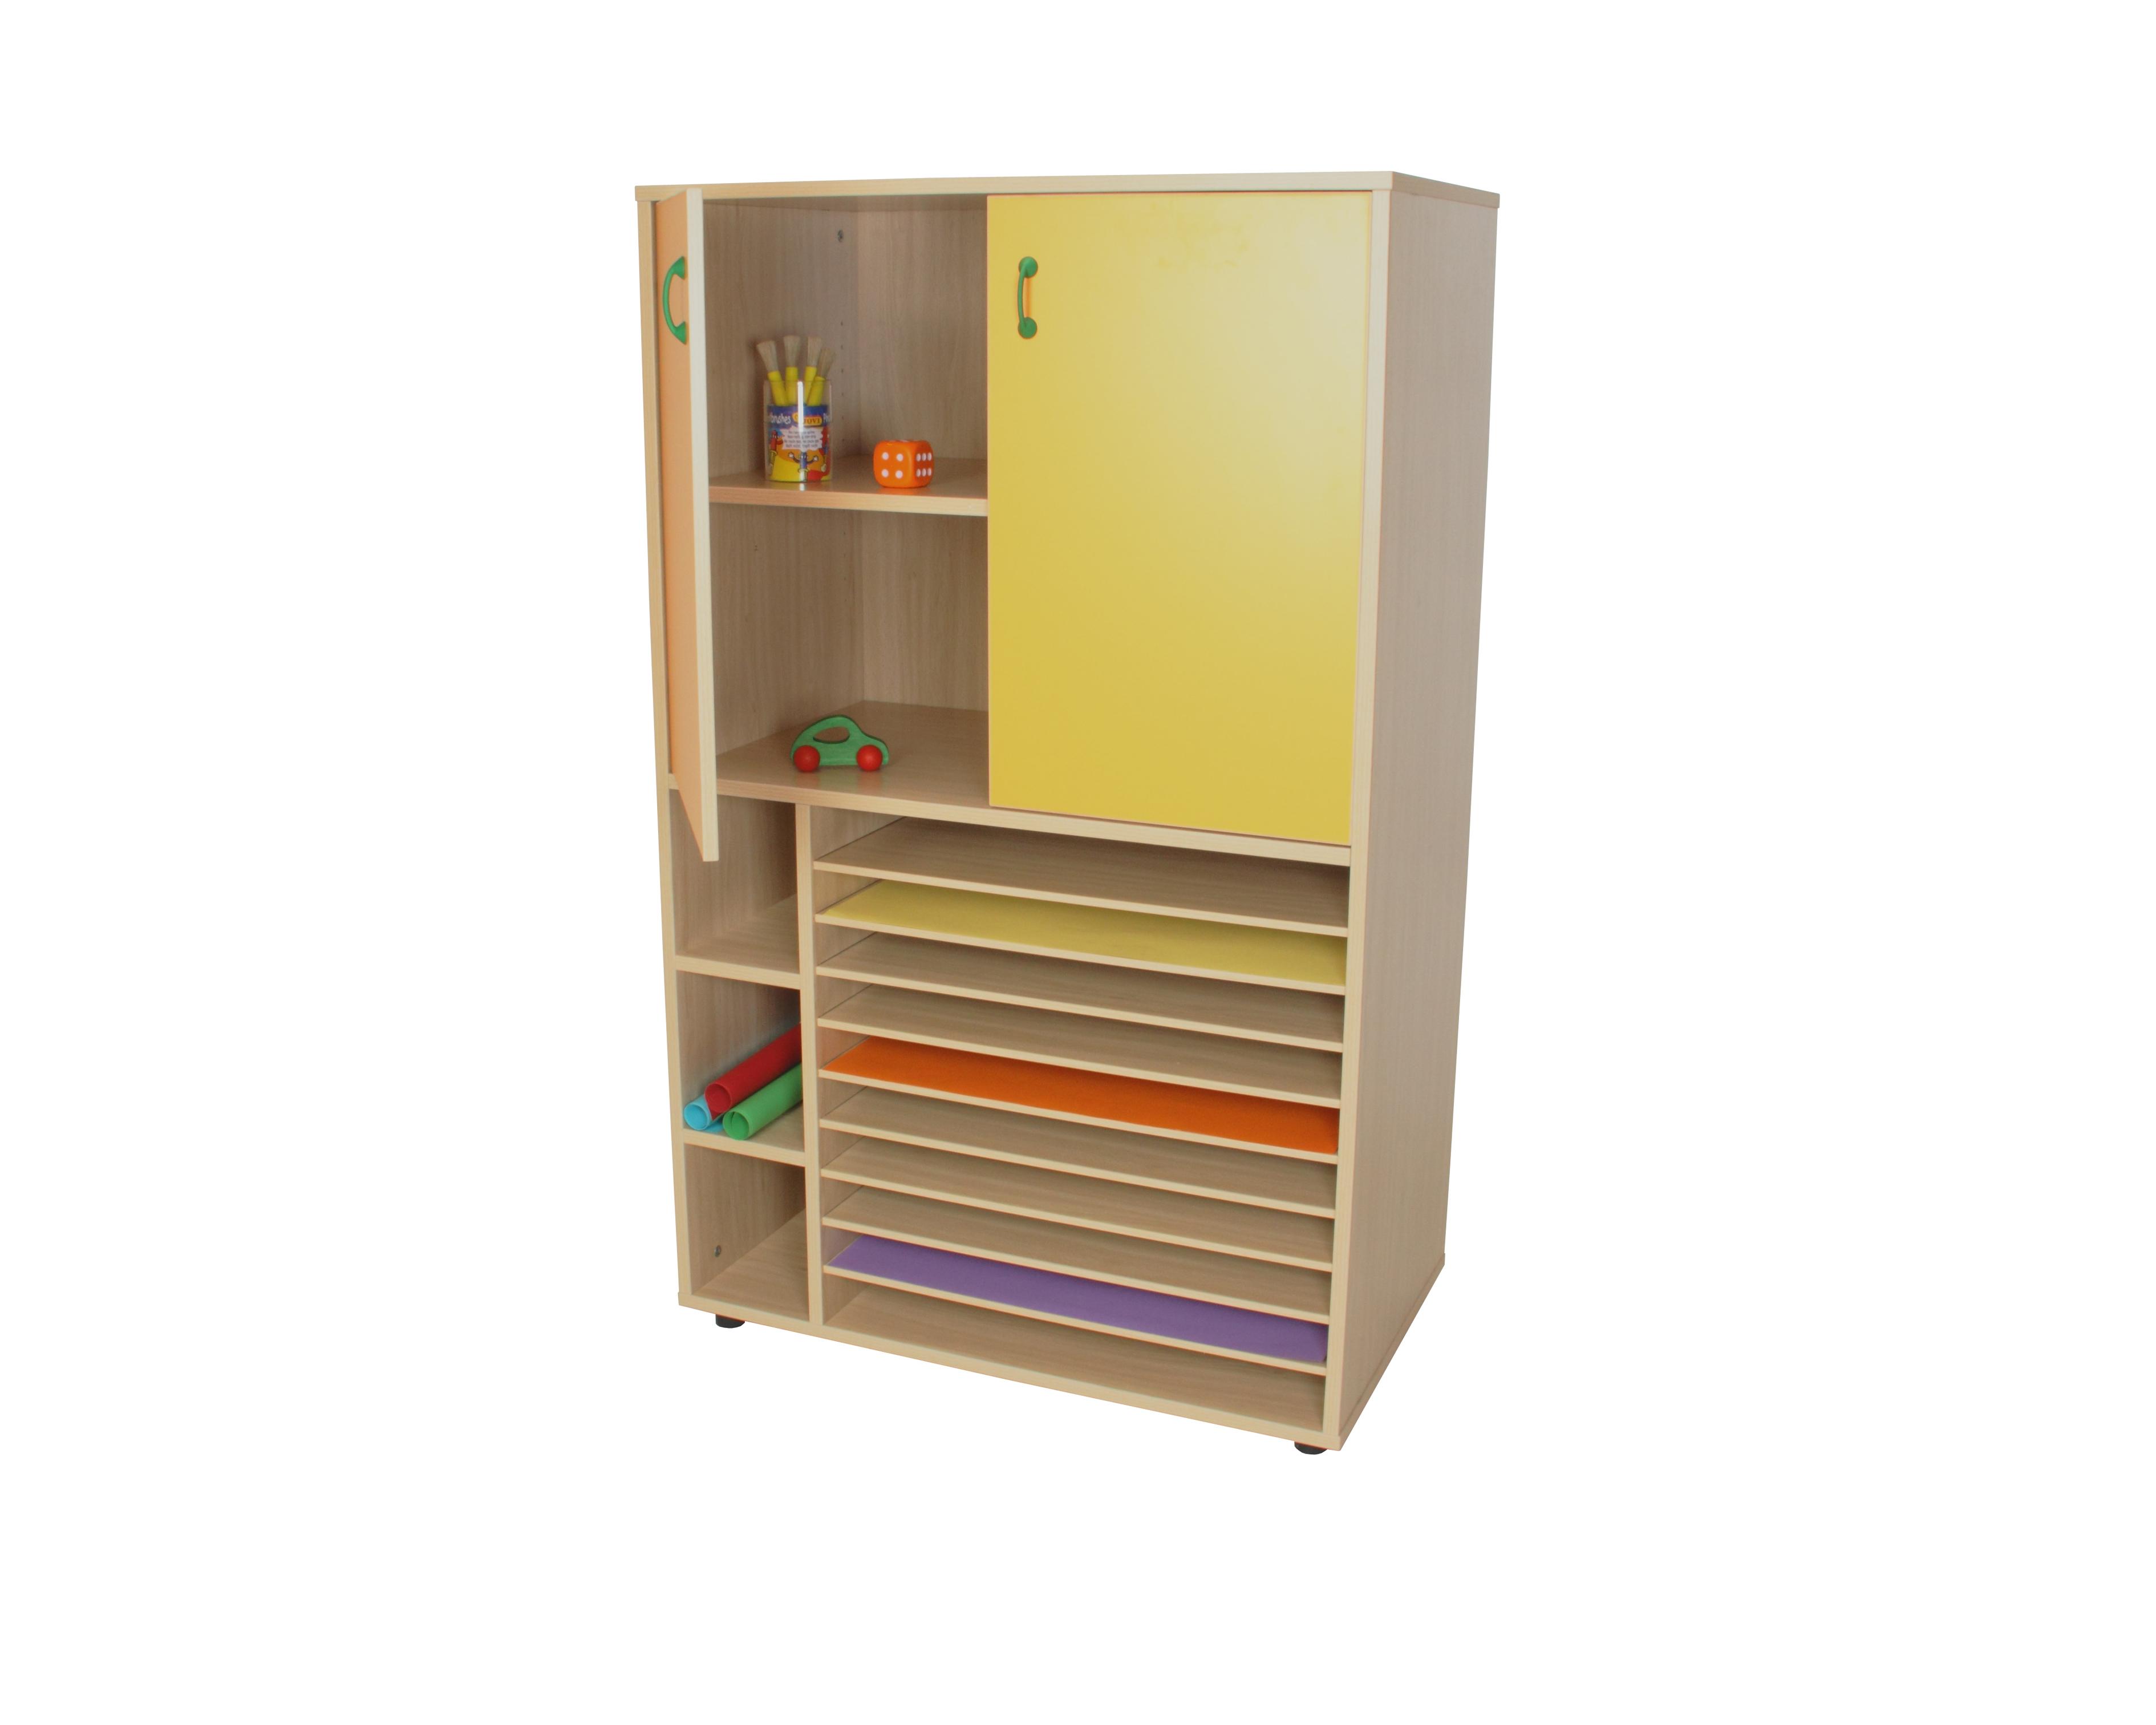 armario de 60 cm de ancho f puerta ancho cm with armario